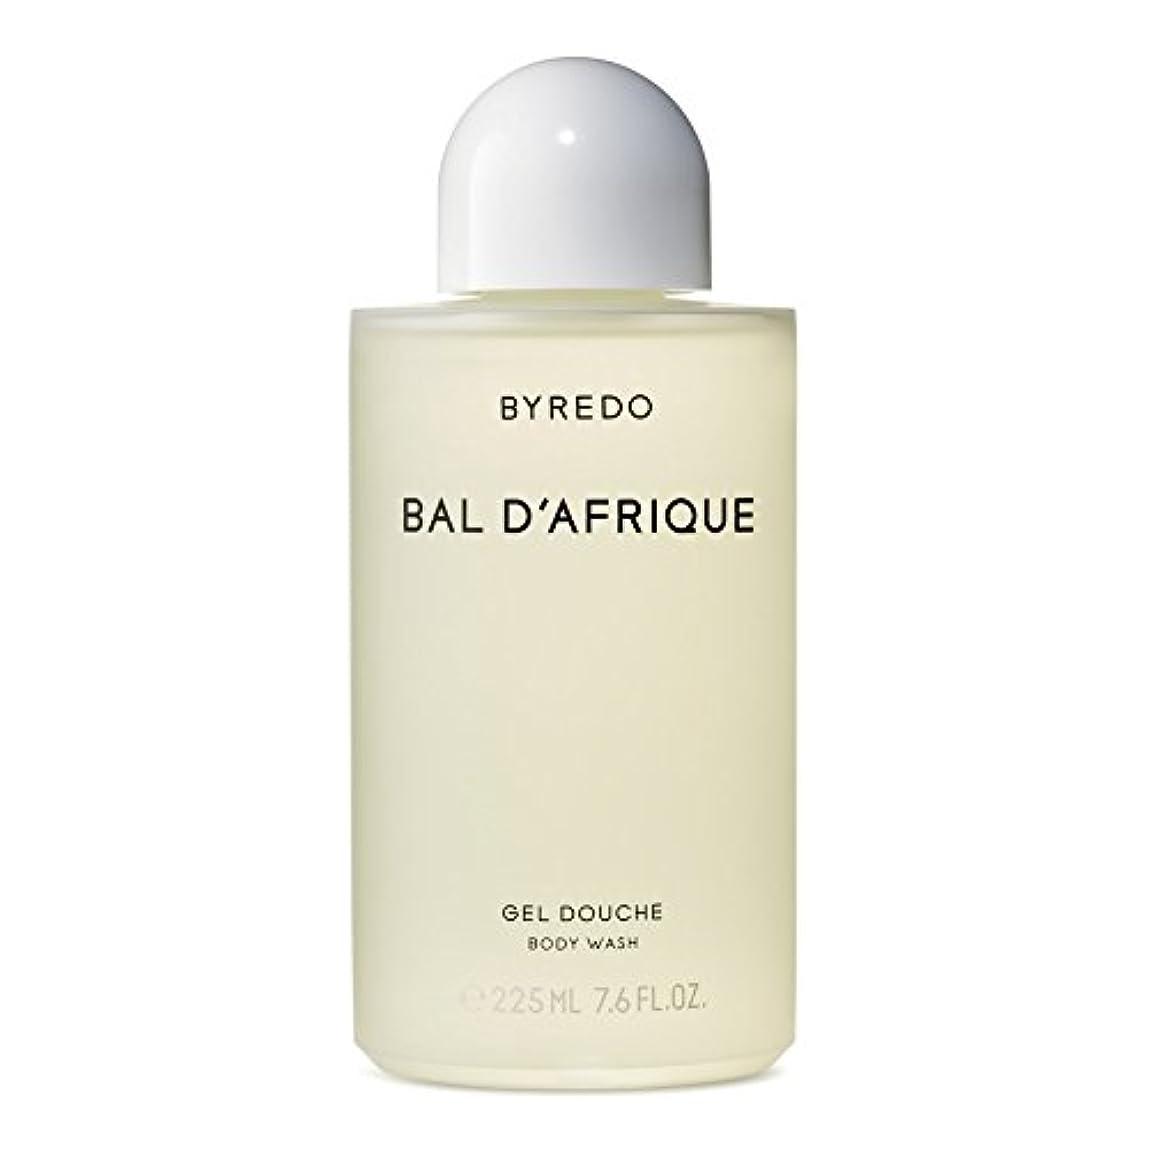 'のボディウォッシュ225ミリリットル x2 - Byredo Bal d'Afrique Body Wash 225ml (Pack of 2) [並行輸入品]